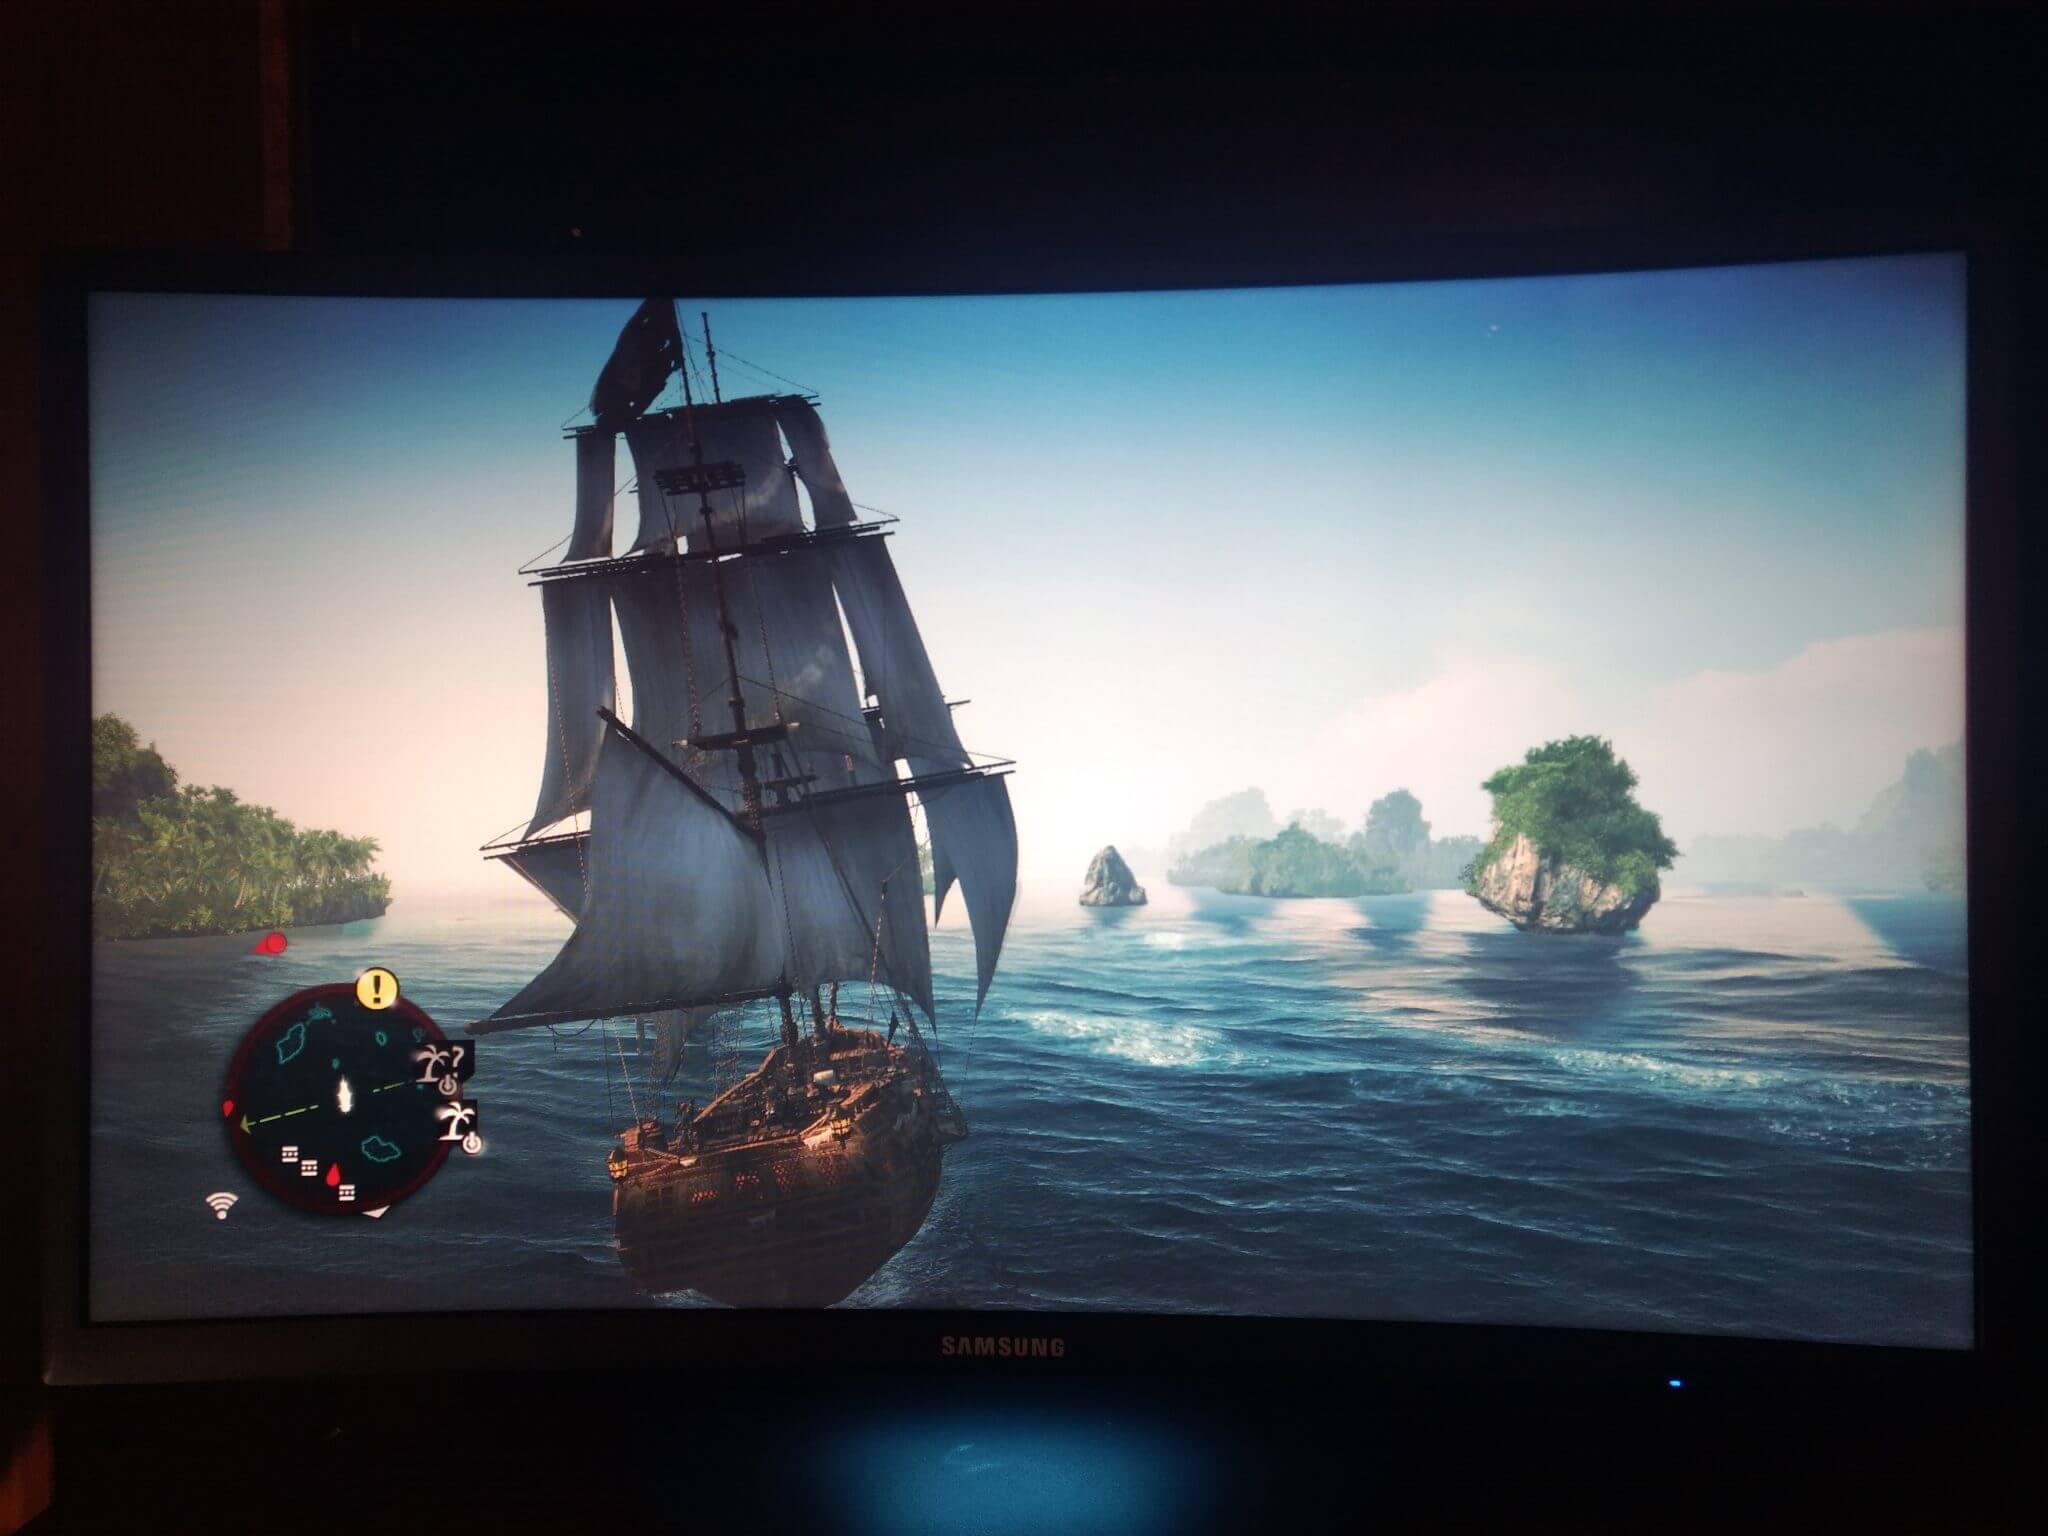 IMG 20180531 160051378 - Review: monitor gamer Samsung C24FG70 possibilita imersão que todo jogador sonha